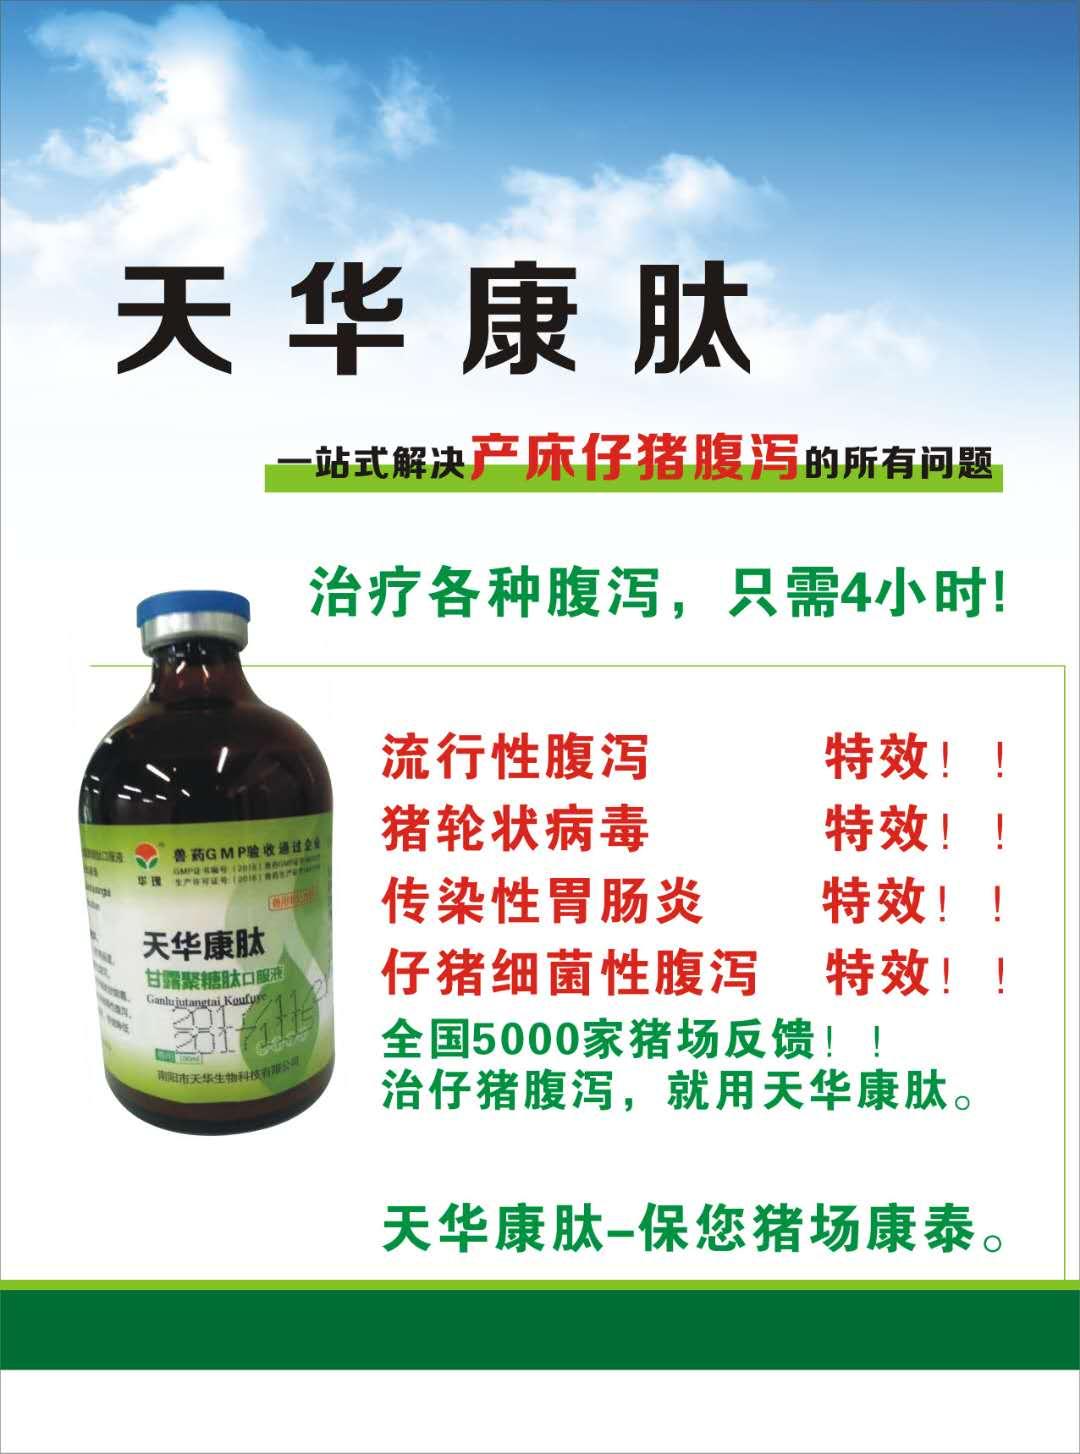 猪传染性胃肠炎怎么治,供应郑州优质的天华康肽